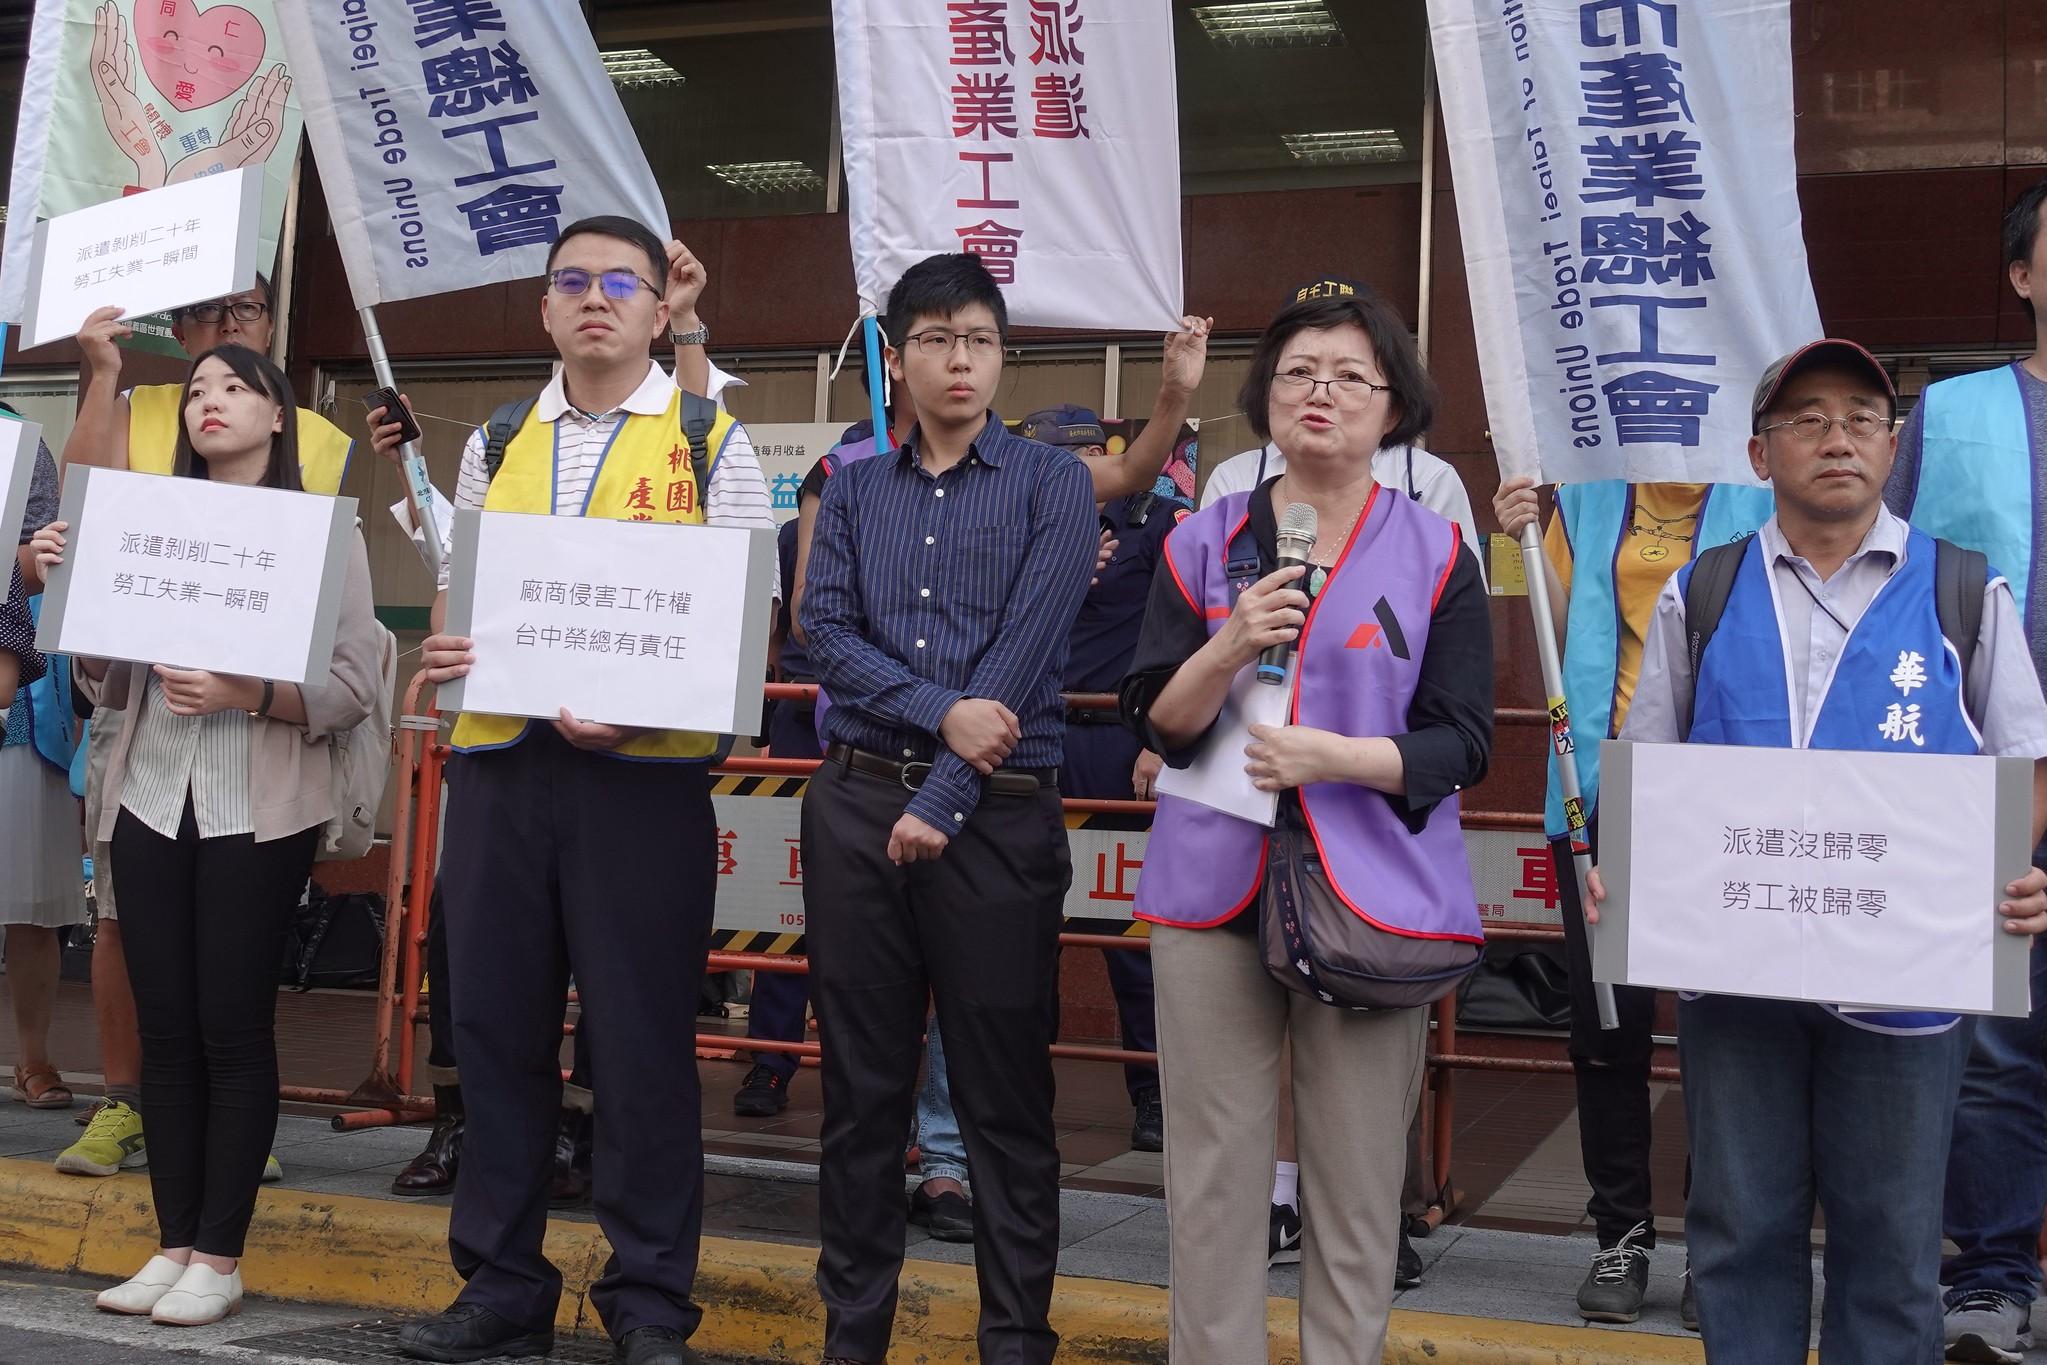 派遣工會理事長吳月霞(右二)遭公司不續聘,今日到勞動部提出不當勞動行為裁決案。(攝影:張智琦)